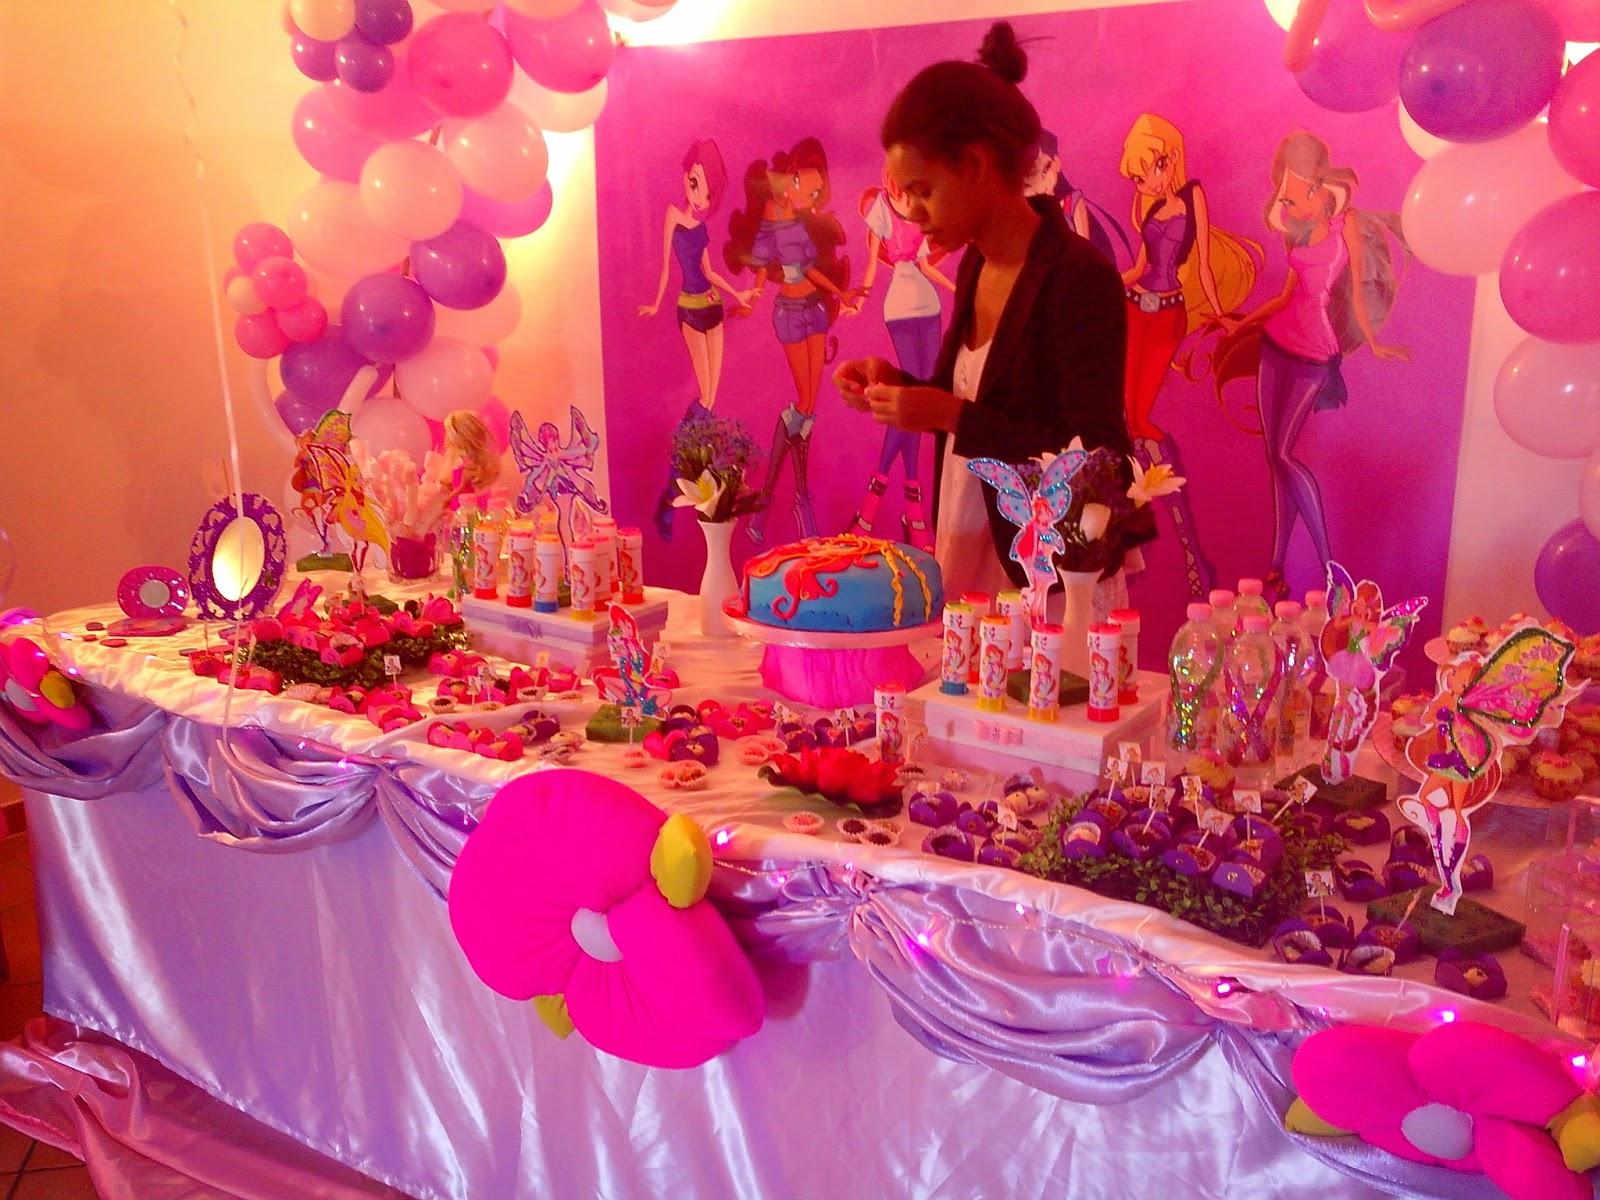 Le torte di ingrid decorazioni festa winx for Decorazioni feste